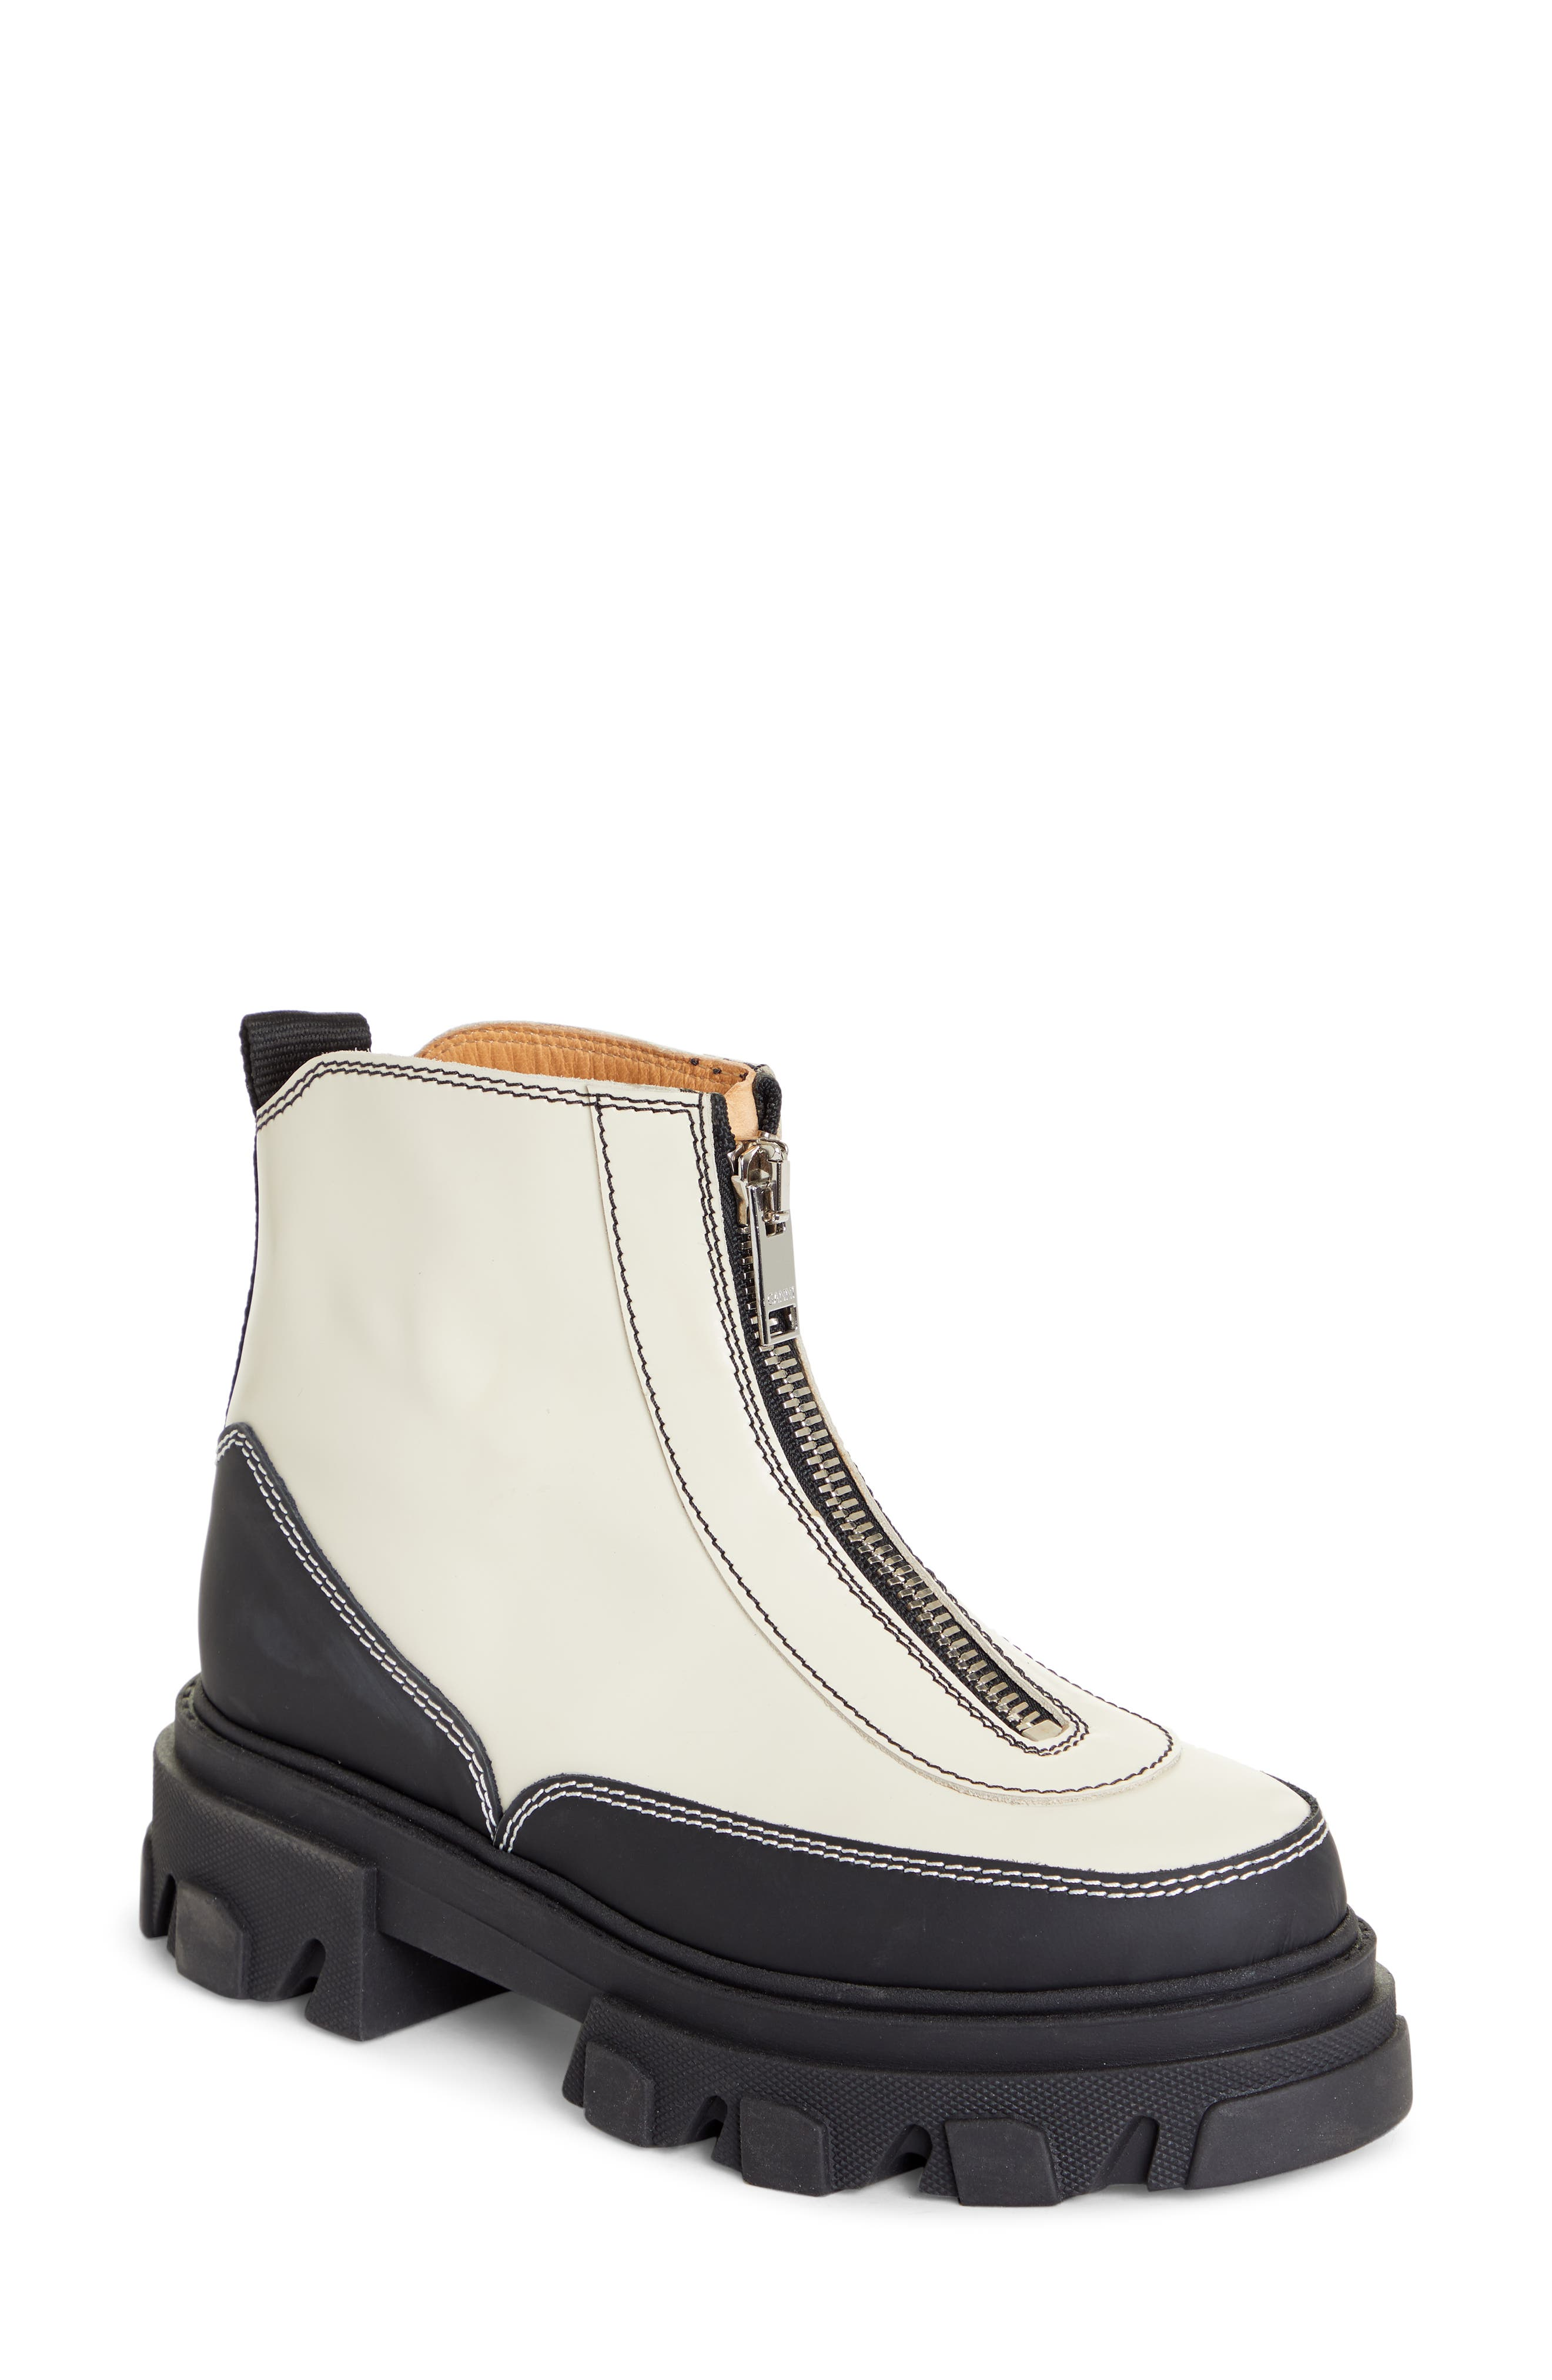 designer ankle boots on sale